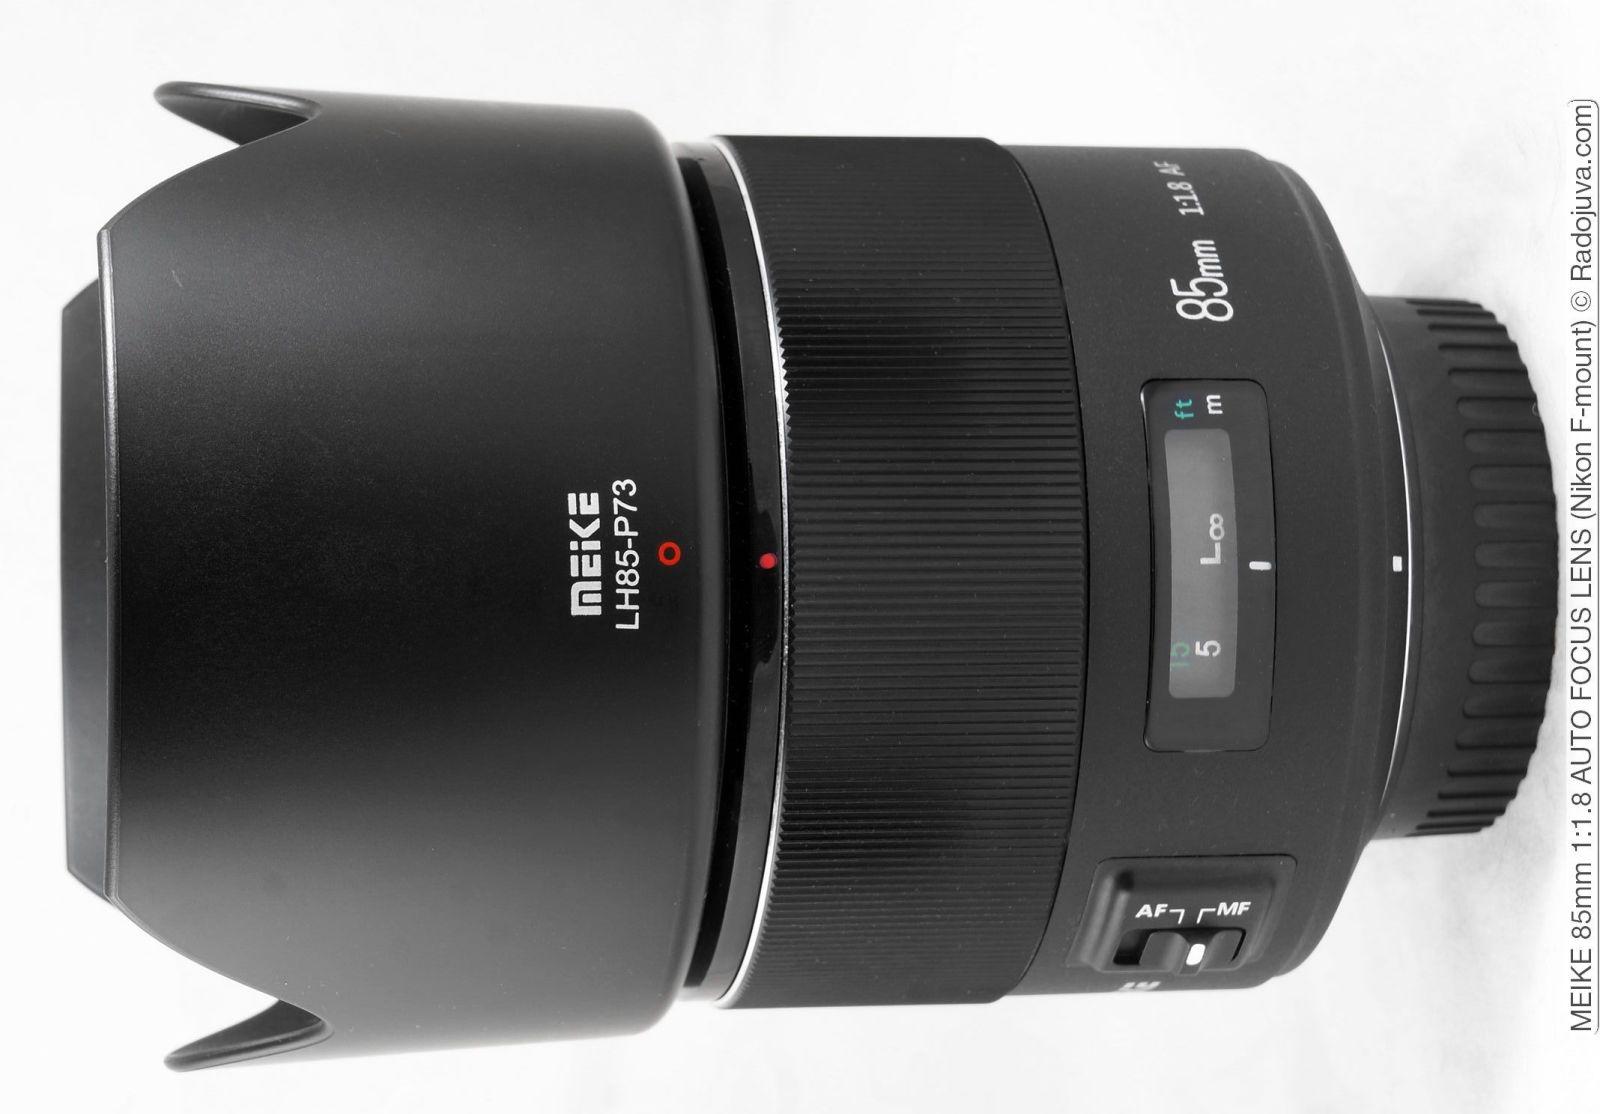 Meike MK 85mm f / 1.8 AF full-frame obiettivo per Nikon F-mount breve recensione con molte foto di esempio